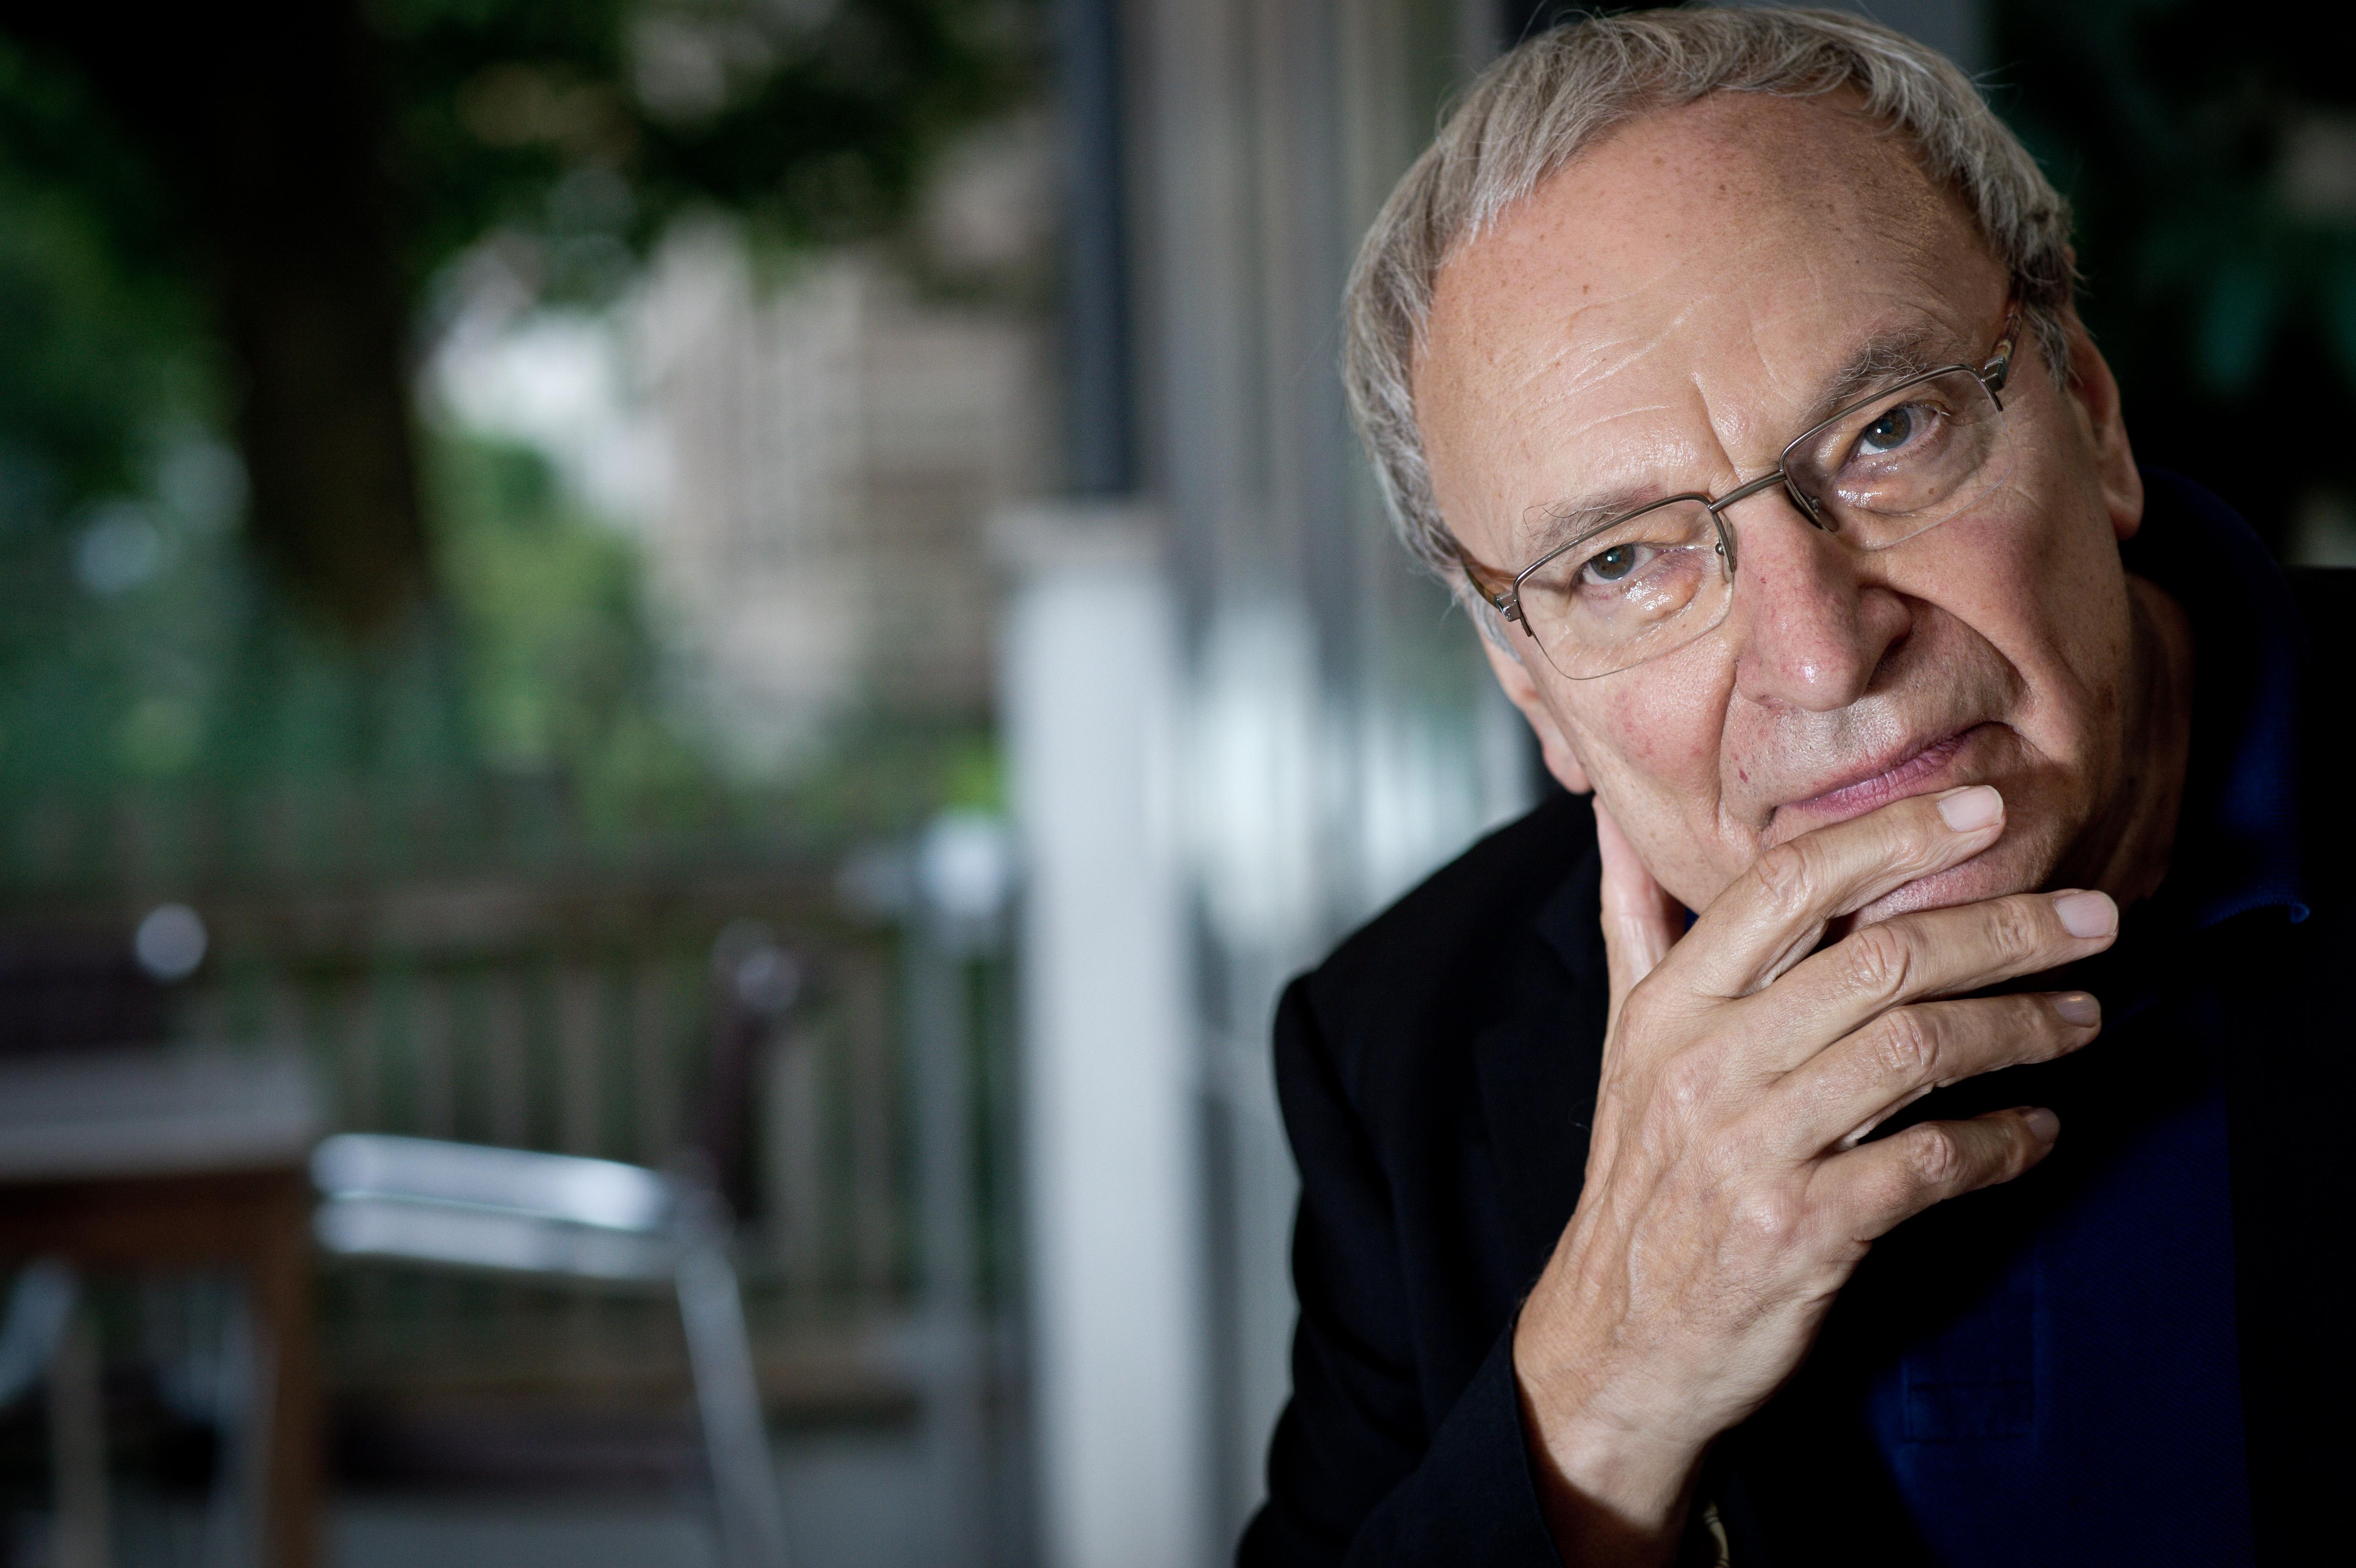 Der deutsche Schriftsteller Uwe Timm, aufgenommen am Freitag (24.08.2012) im Rahmen des Poetenfestes in Erlangen (Mittelfrank